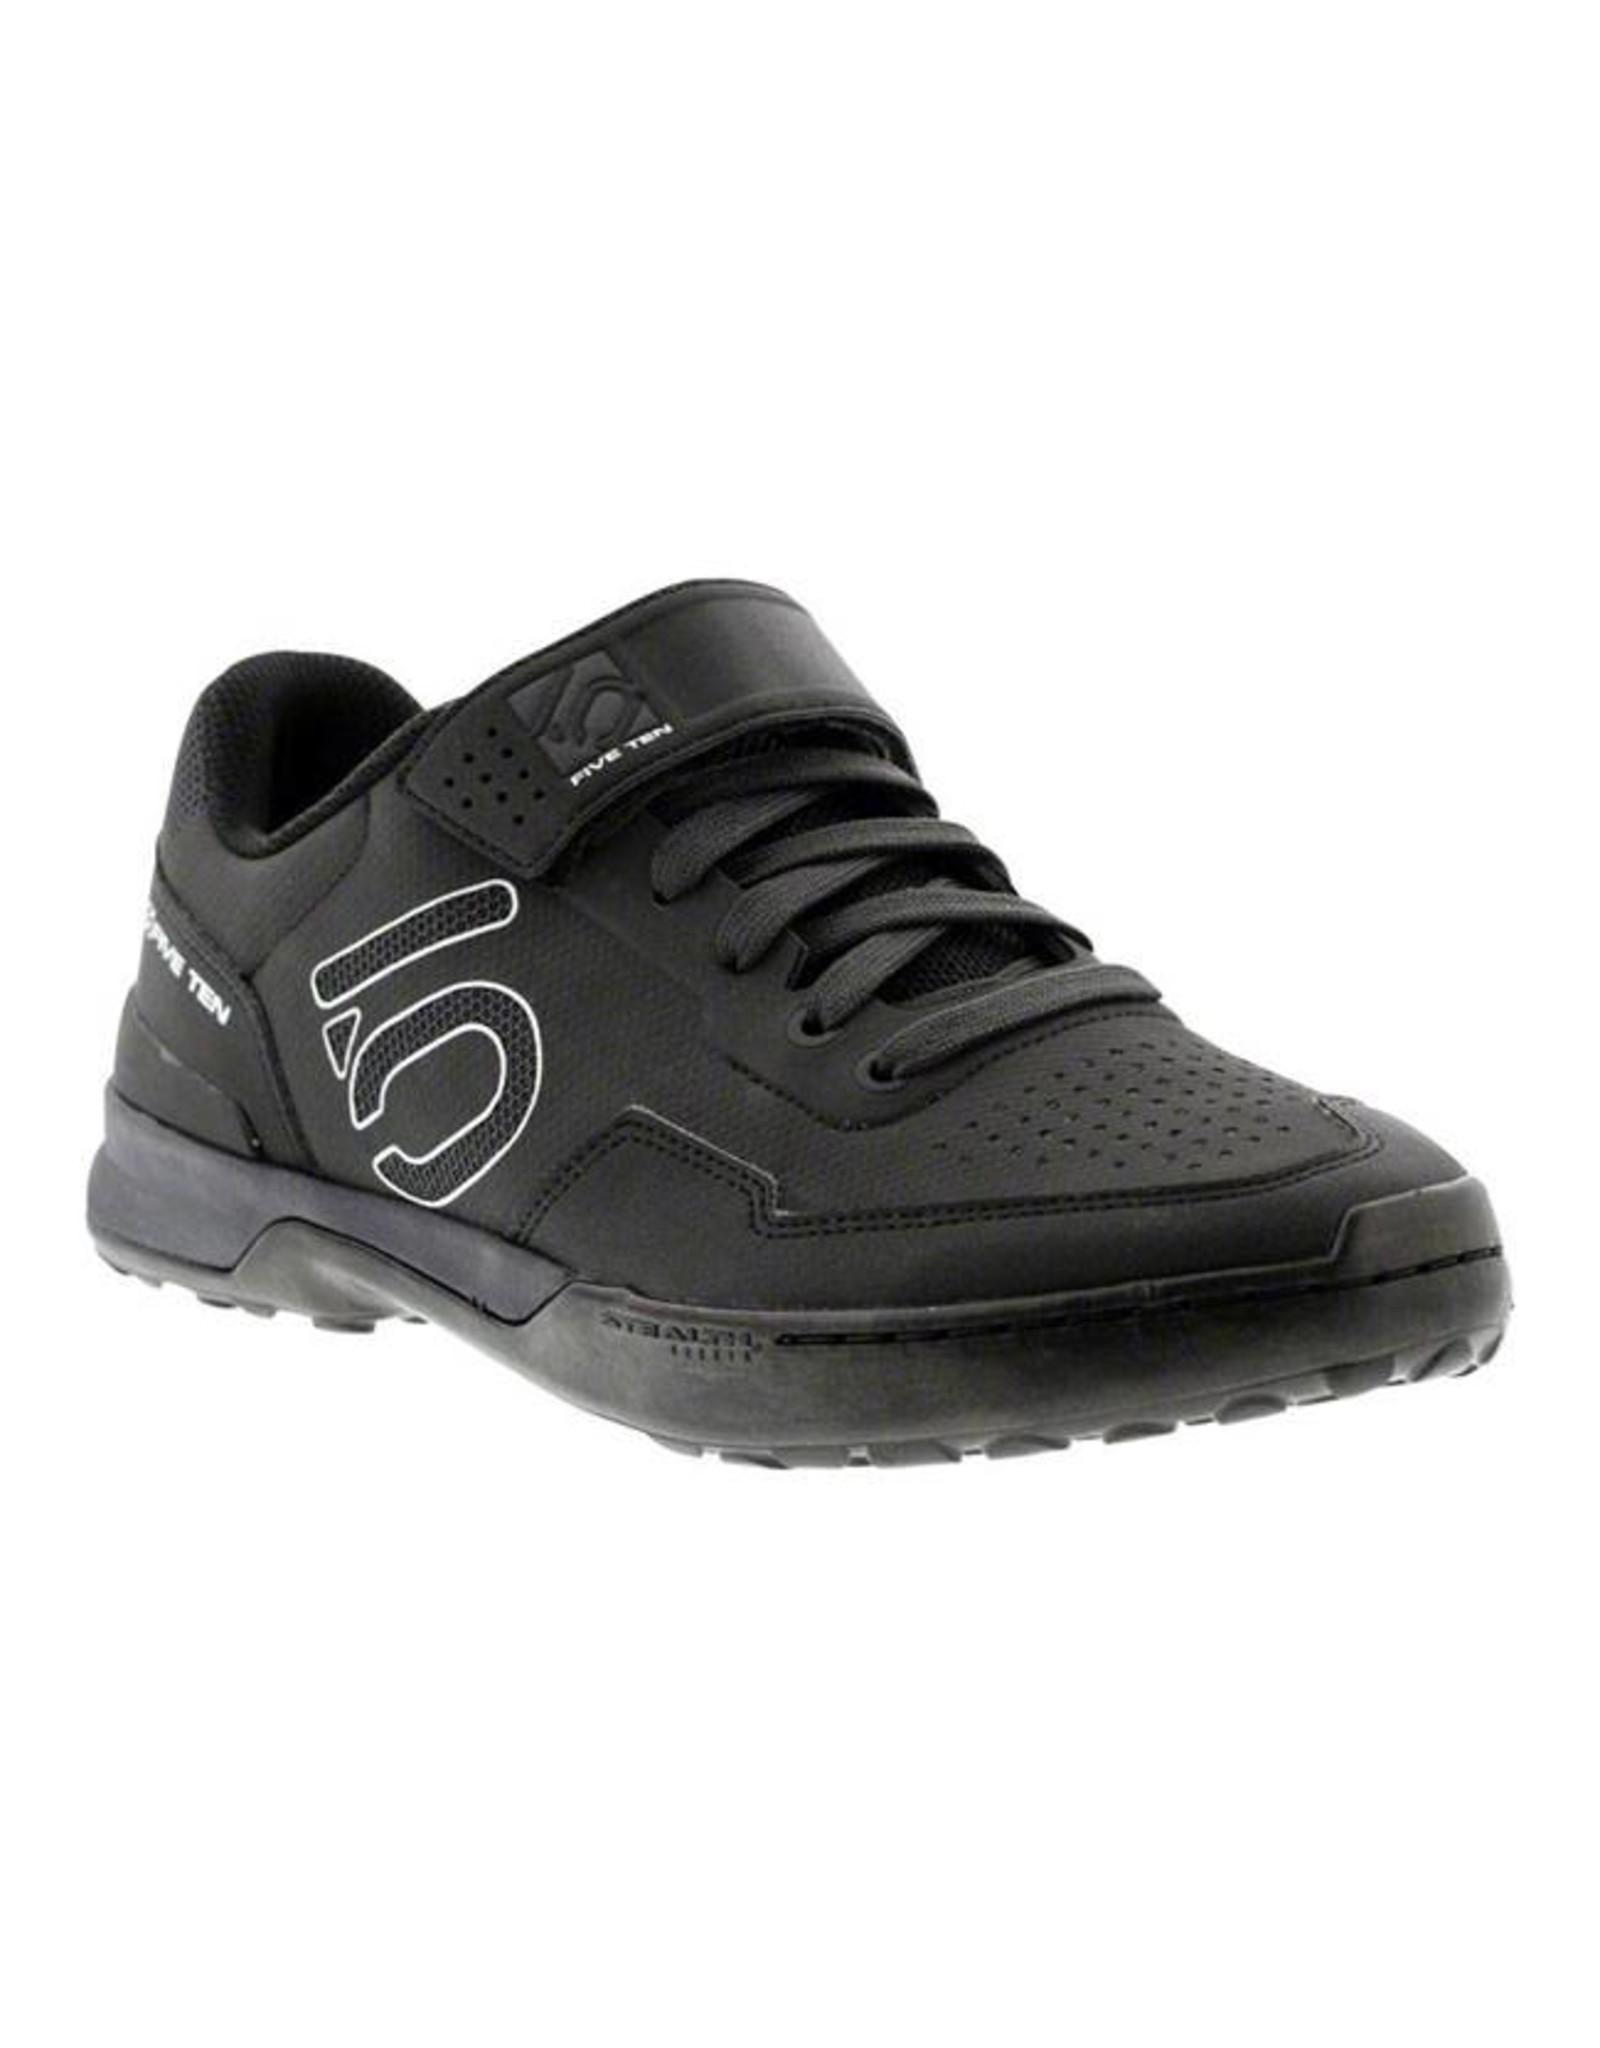 Five Ten Five Ten Kestrel Lace Men's Clipless Shoe: Black Carbon 10